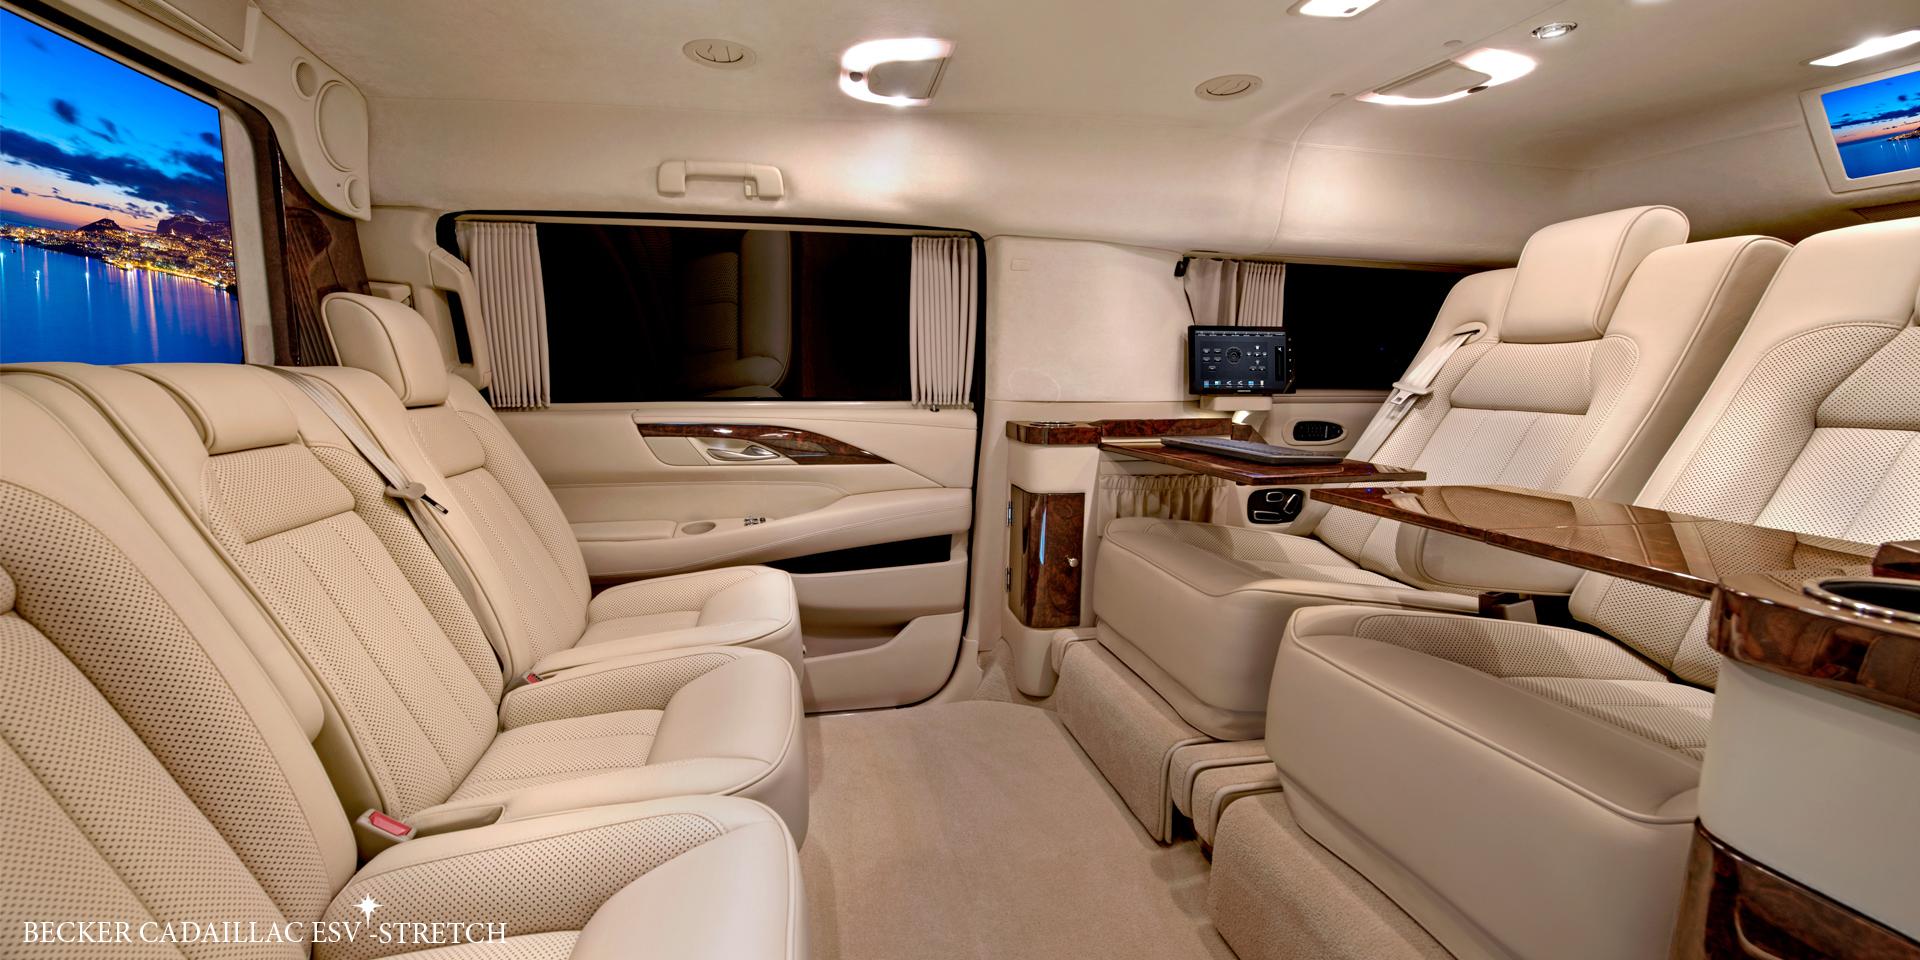 2015 Cadillac Escalade Esv Interior Cadillac Escalade 2015 Interior Tv Image 42 2015 Cadillac